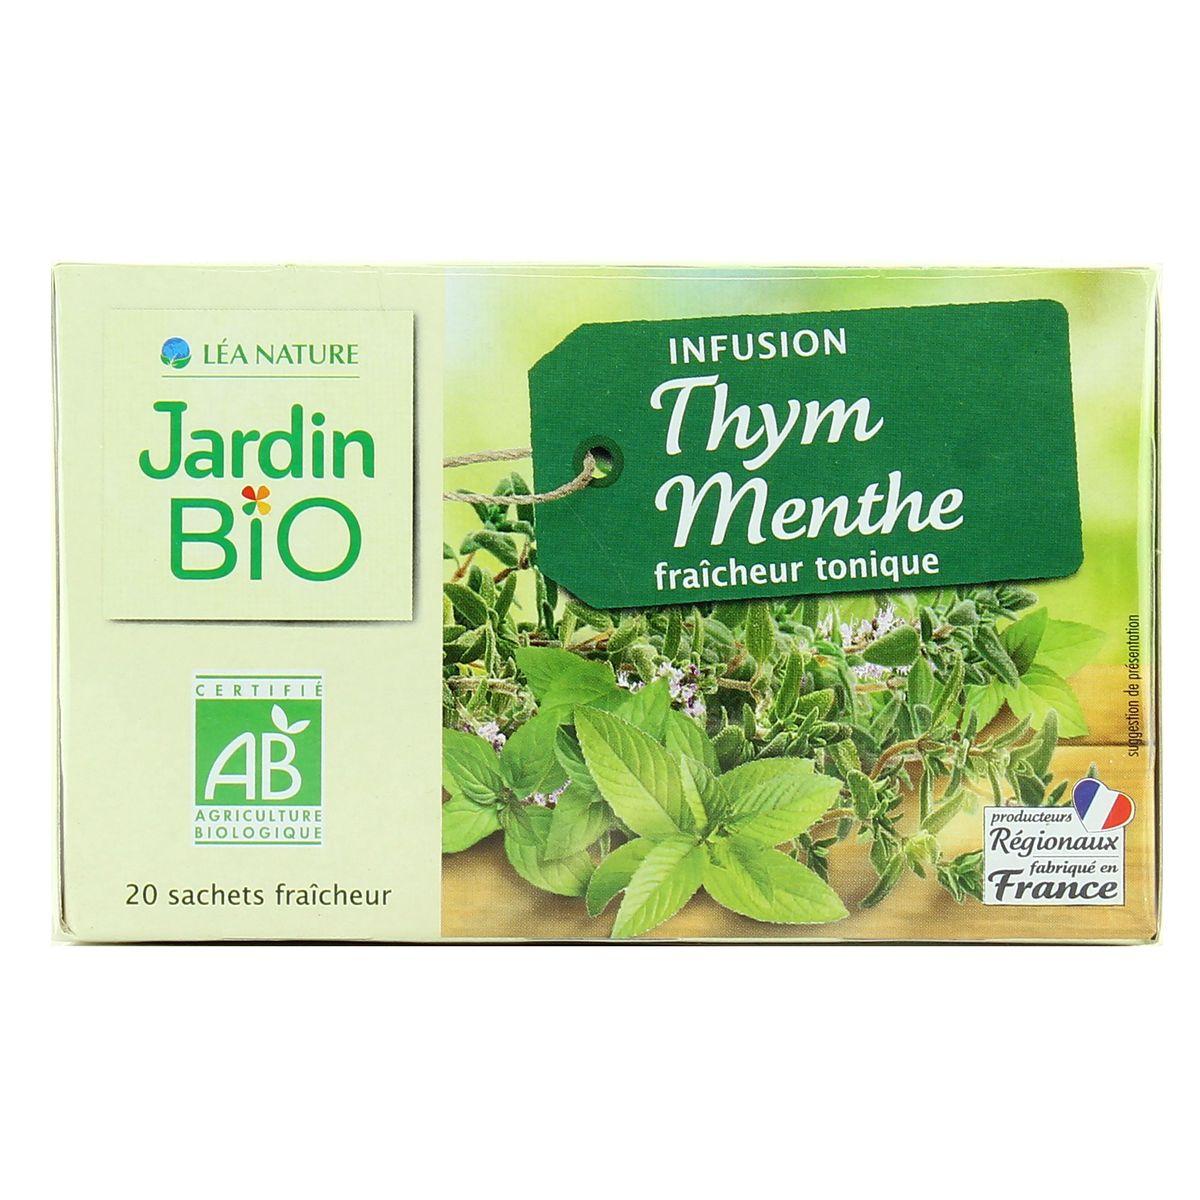 Acheter Jardin Bio Infusion Biologique Thym Menthe Fraicheur Tonique encequiconcerne Jardin Bio Infusion